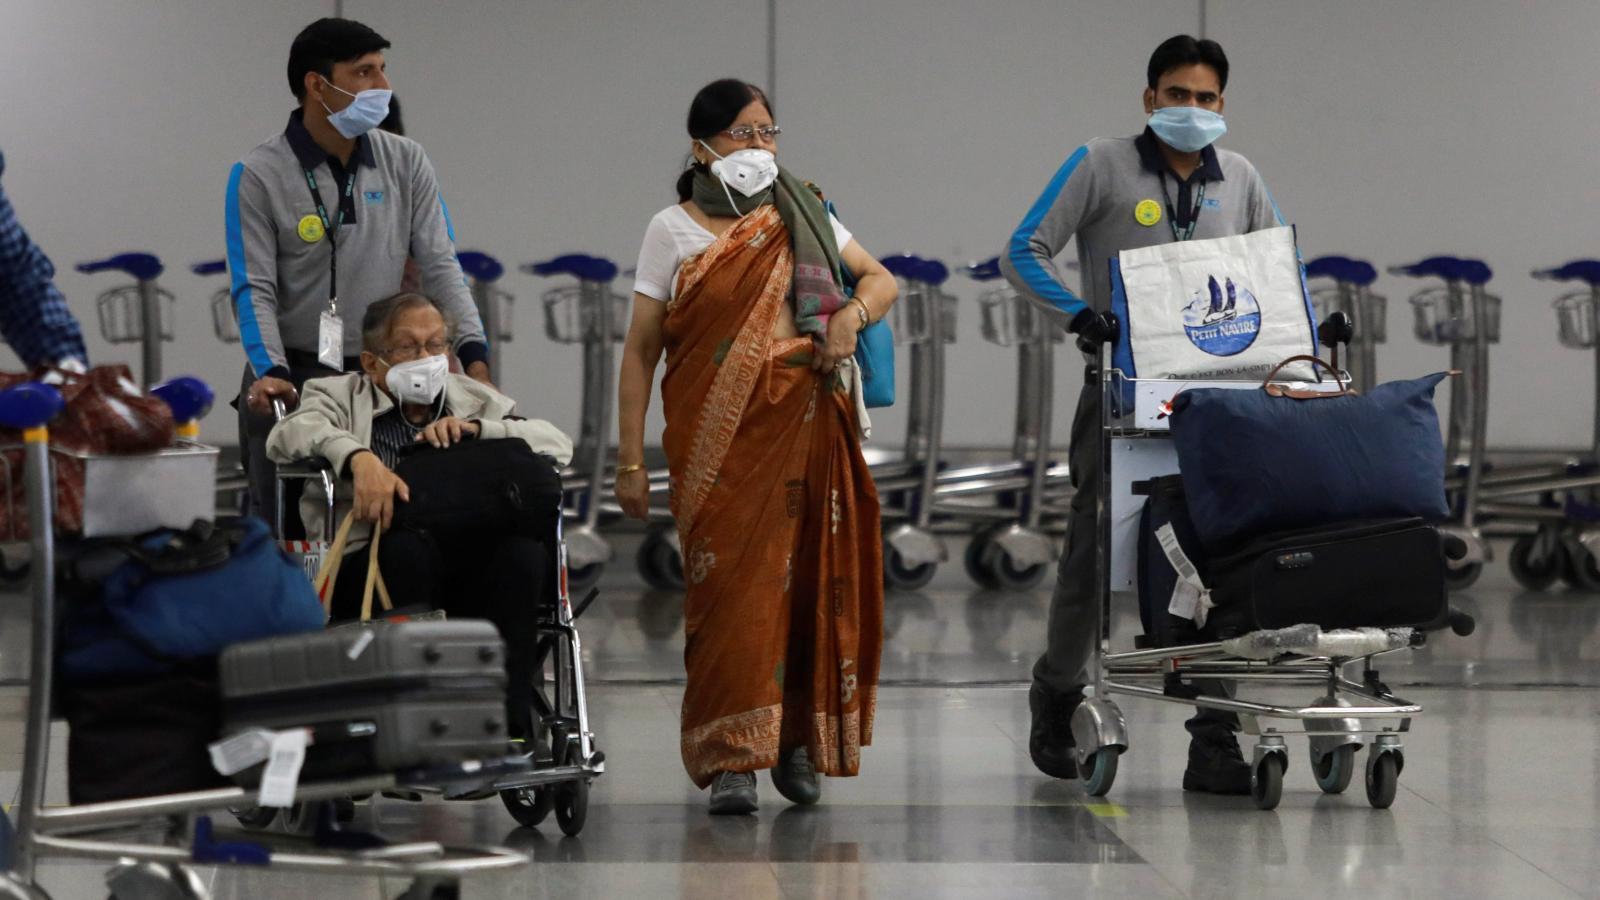 दुबई से लौटे कामगार, भारत में बन गये कोरोना फैलने की वजह, एकाएक बढ़ गया हैं संख्या